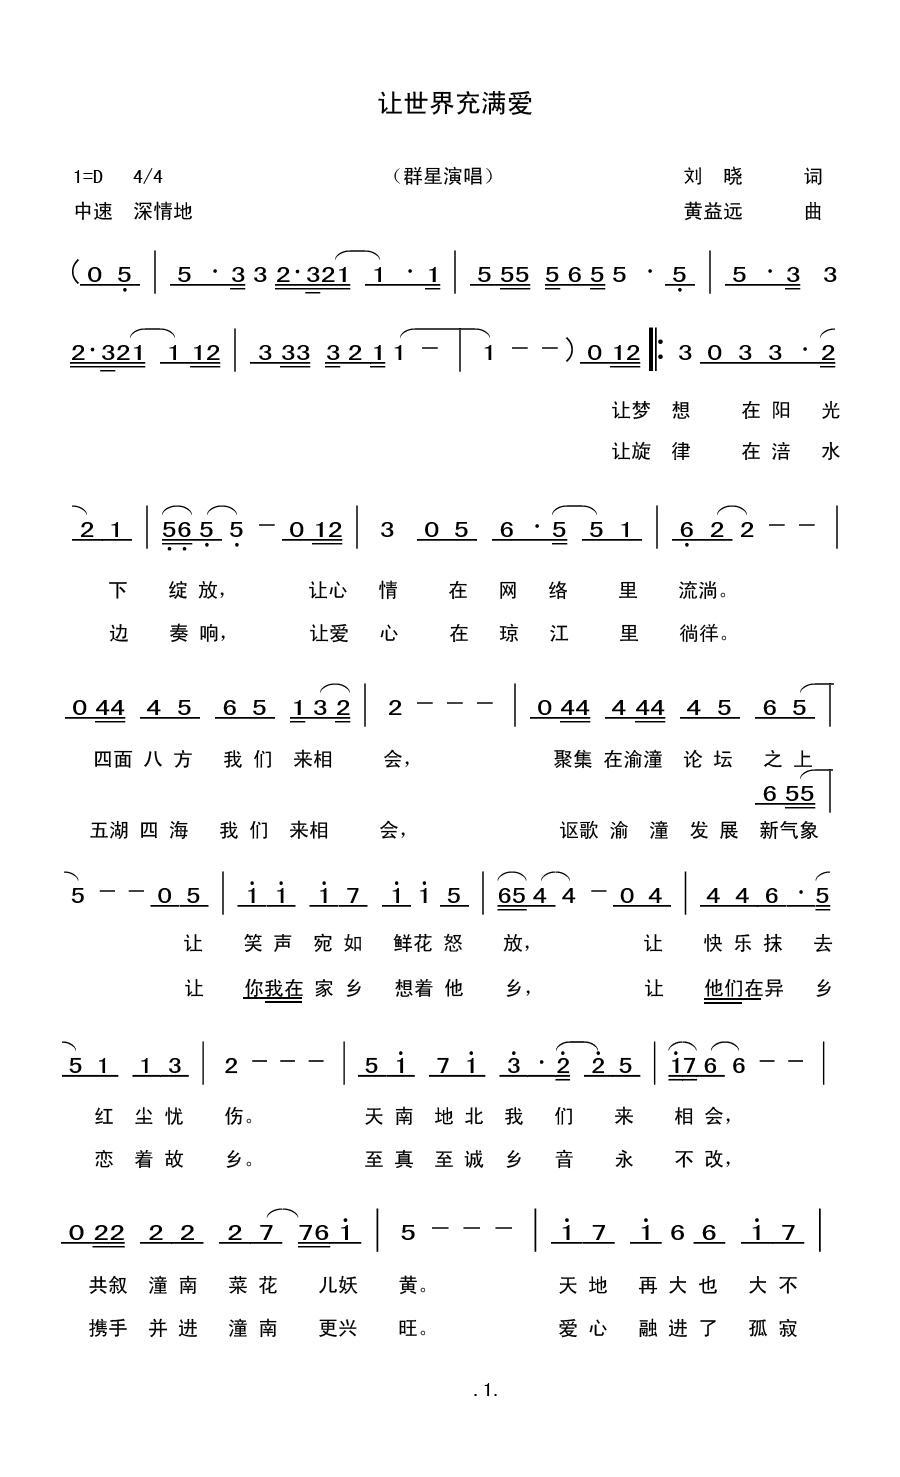 原创音乐曲谱 让世界充满爱 刘晓词,黄益远曲,黄清林编 Powered by